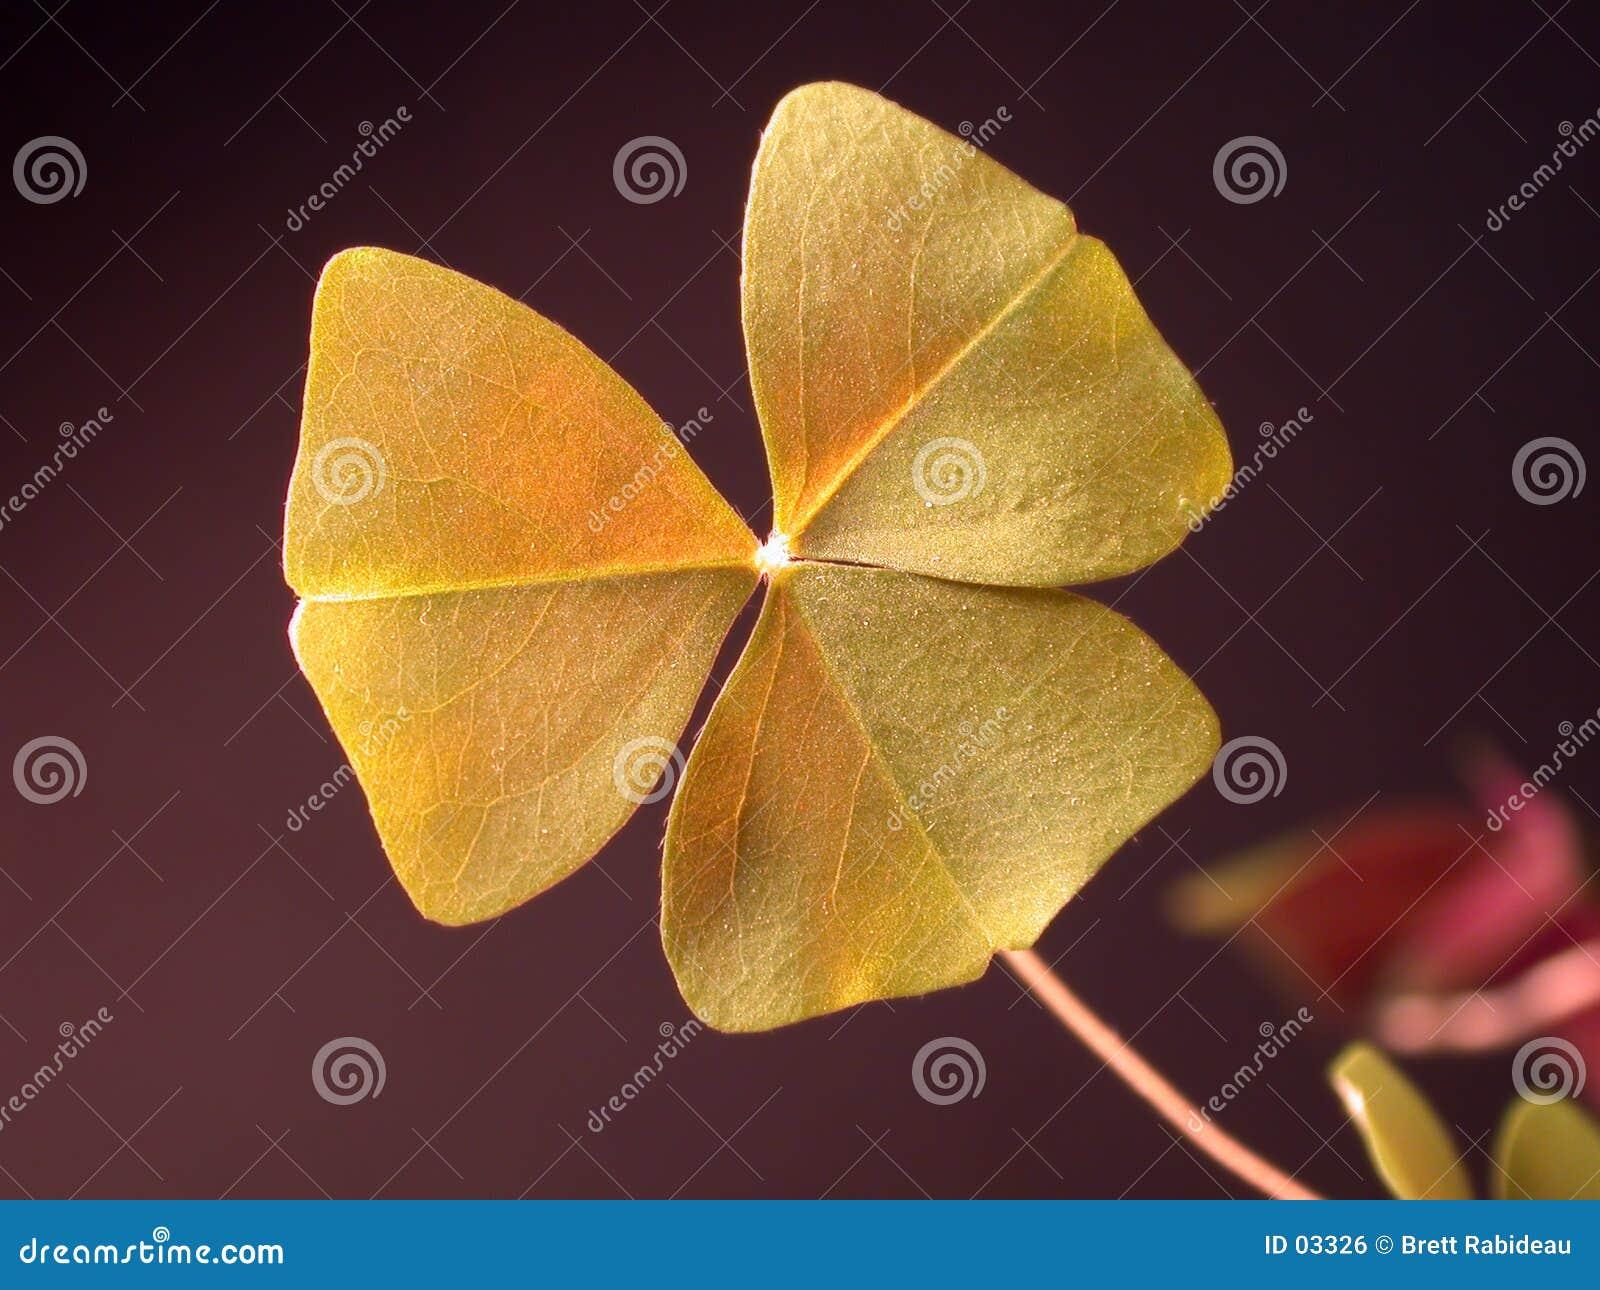 Shamrock closeup - clover